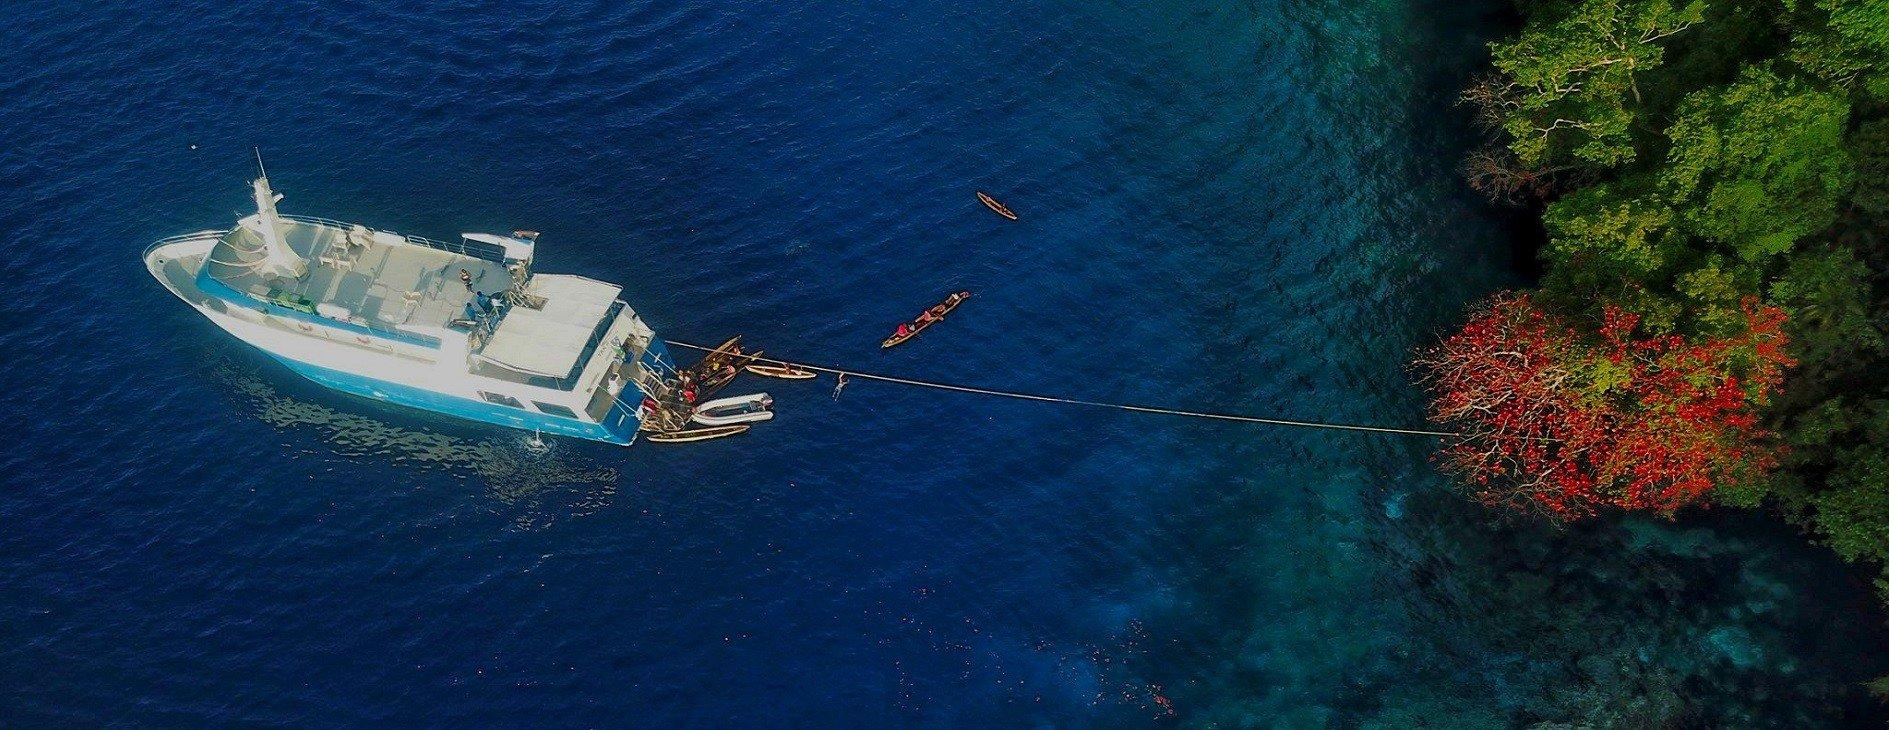 Solomon Islands Roderick Bay Hideaway travel destinations (1)